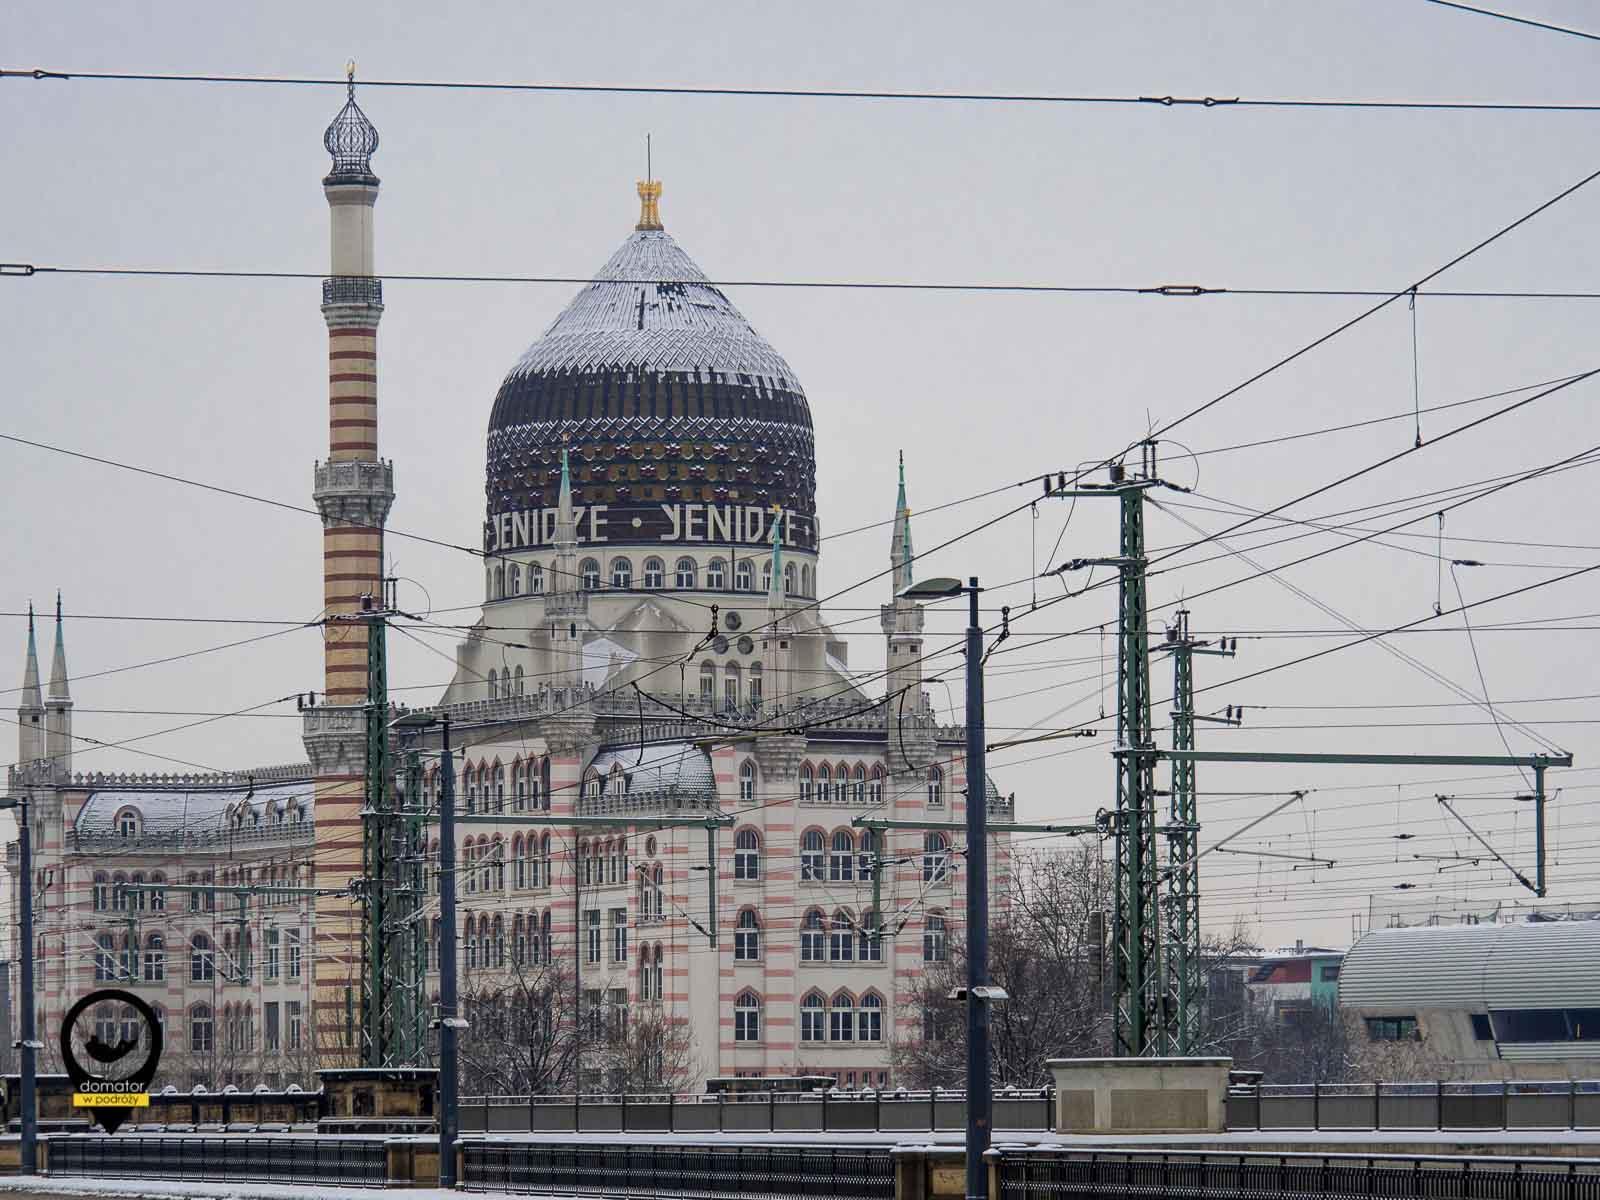 Yenidze - budynek z 1907 r. w stylu mauretańsko-secesyjnym służył jako fabryka i magazyn tytoniu.